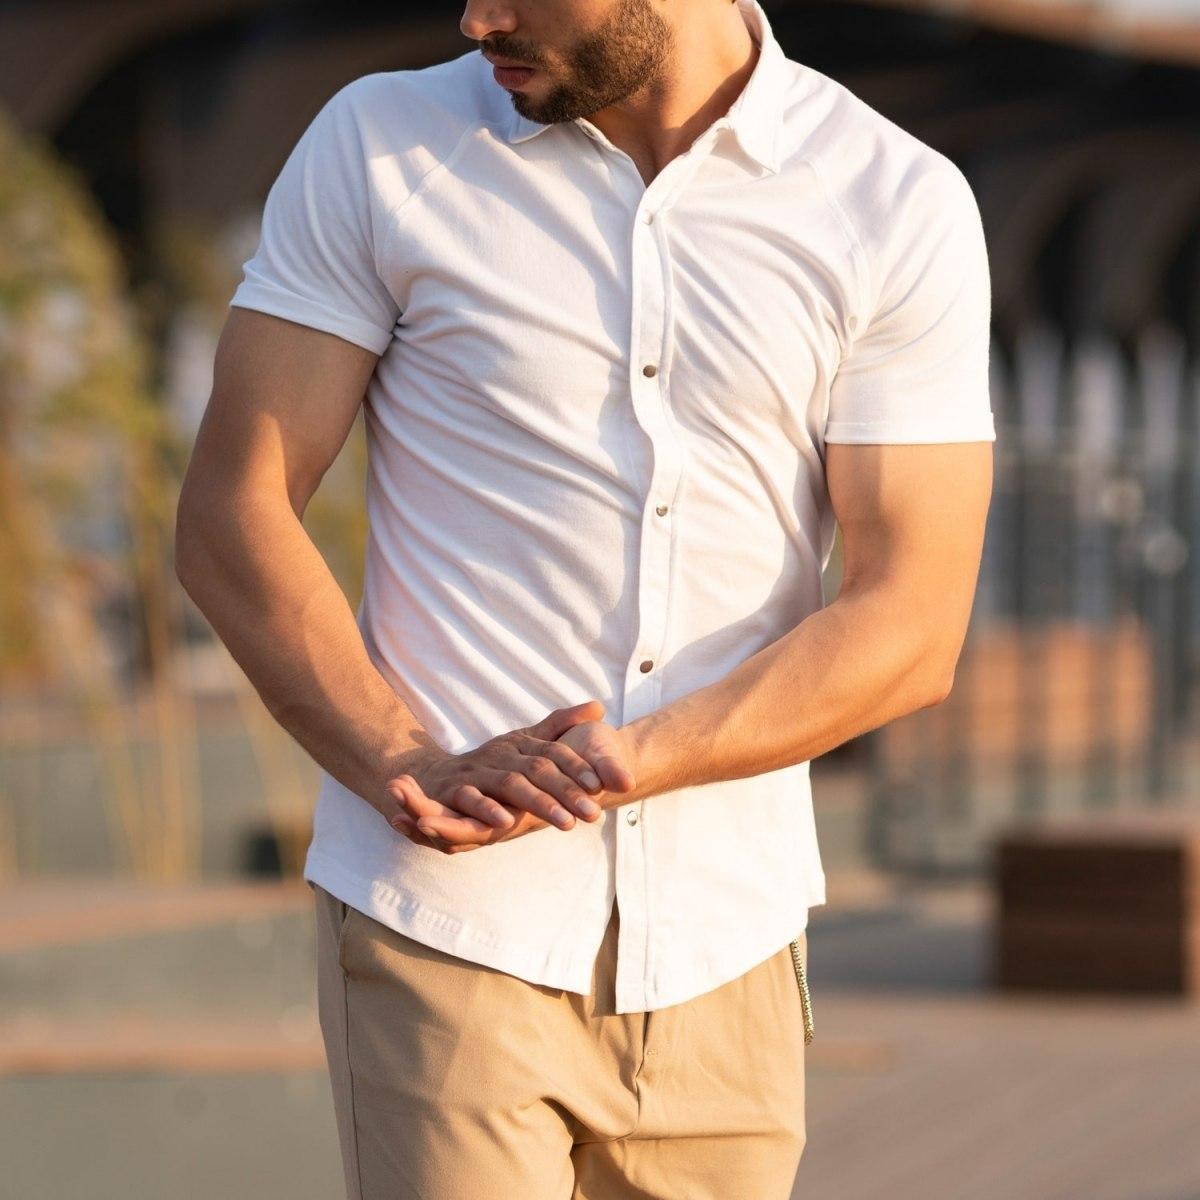 Men's Short Sleeve New Style Shirt In White Mv Premium Brand - 2